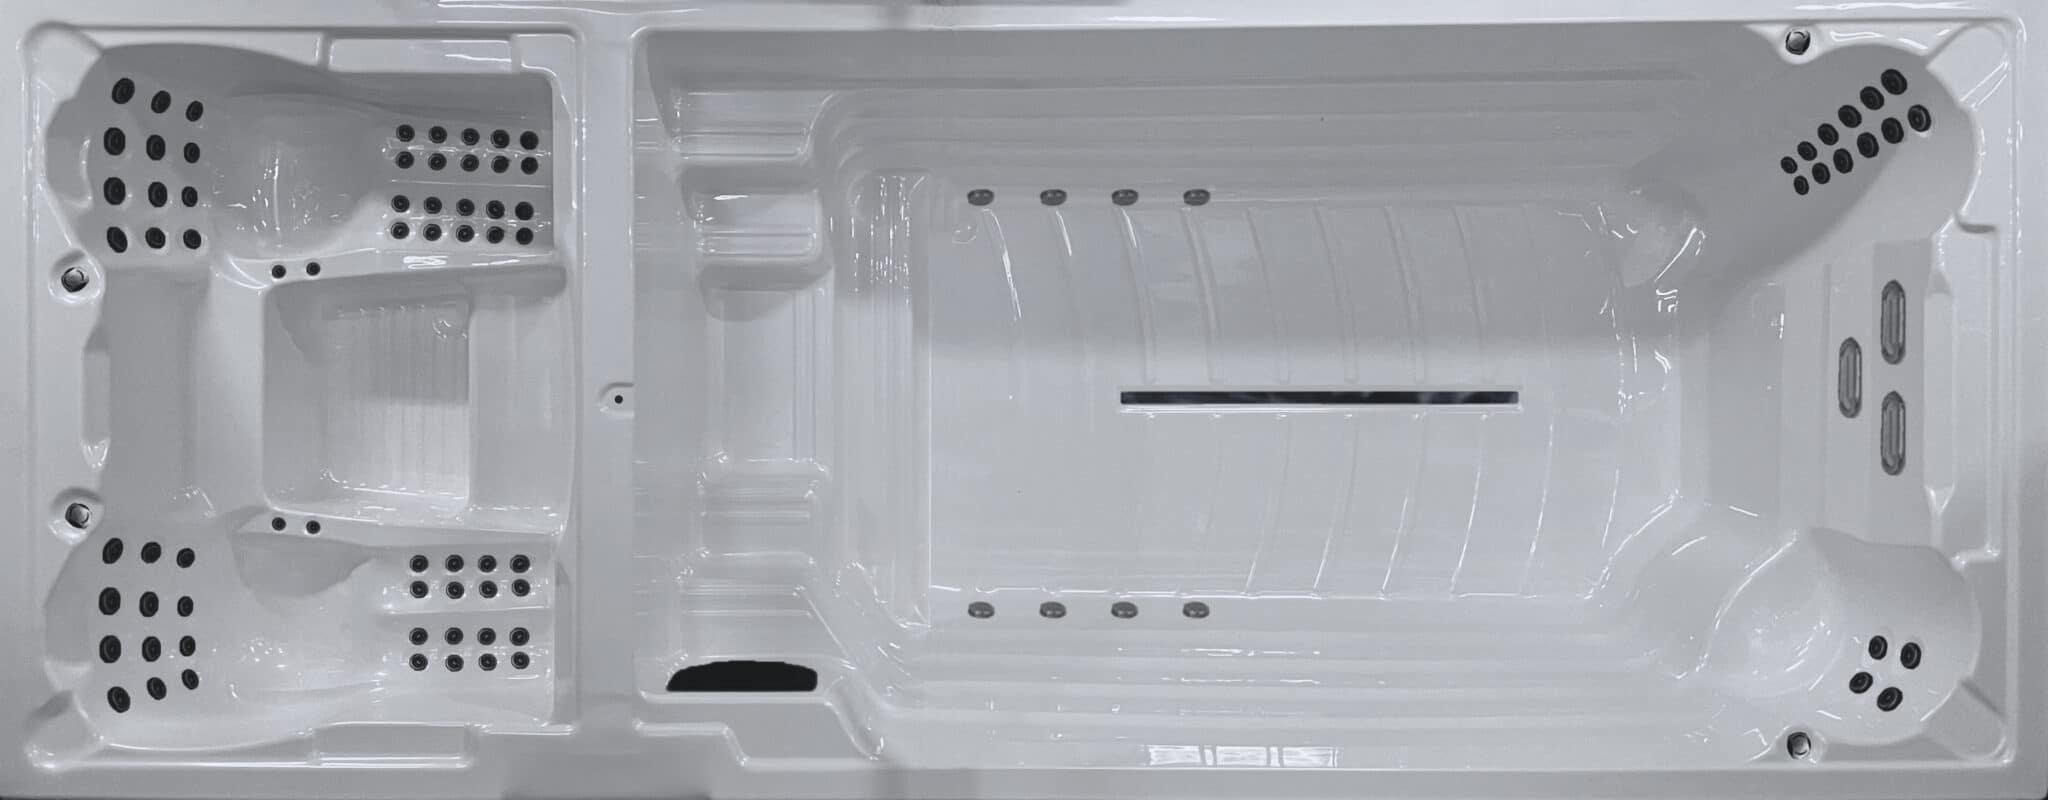 spa-bassein-combi